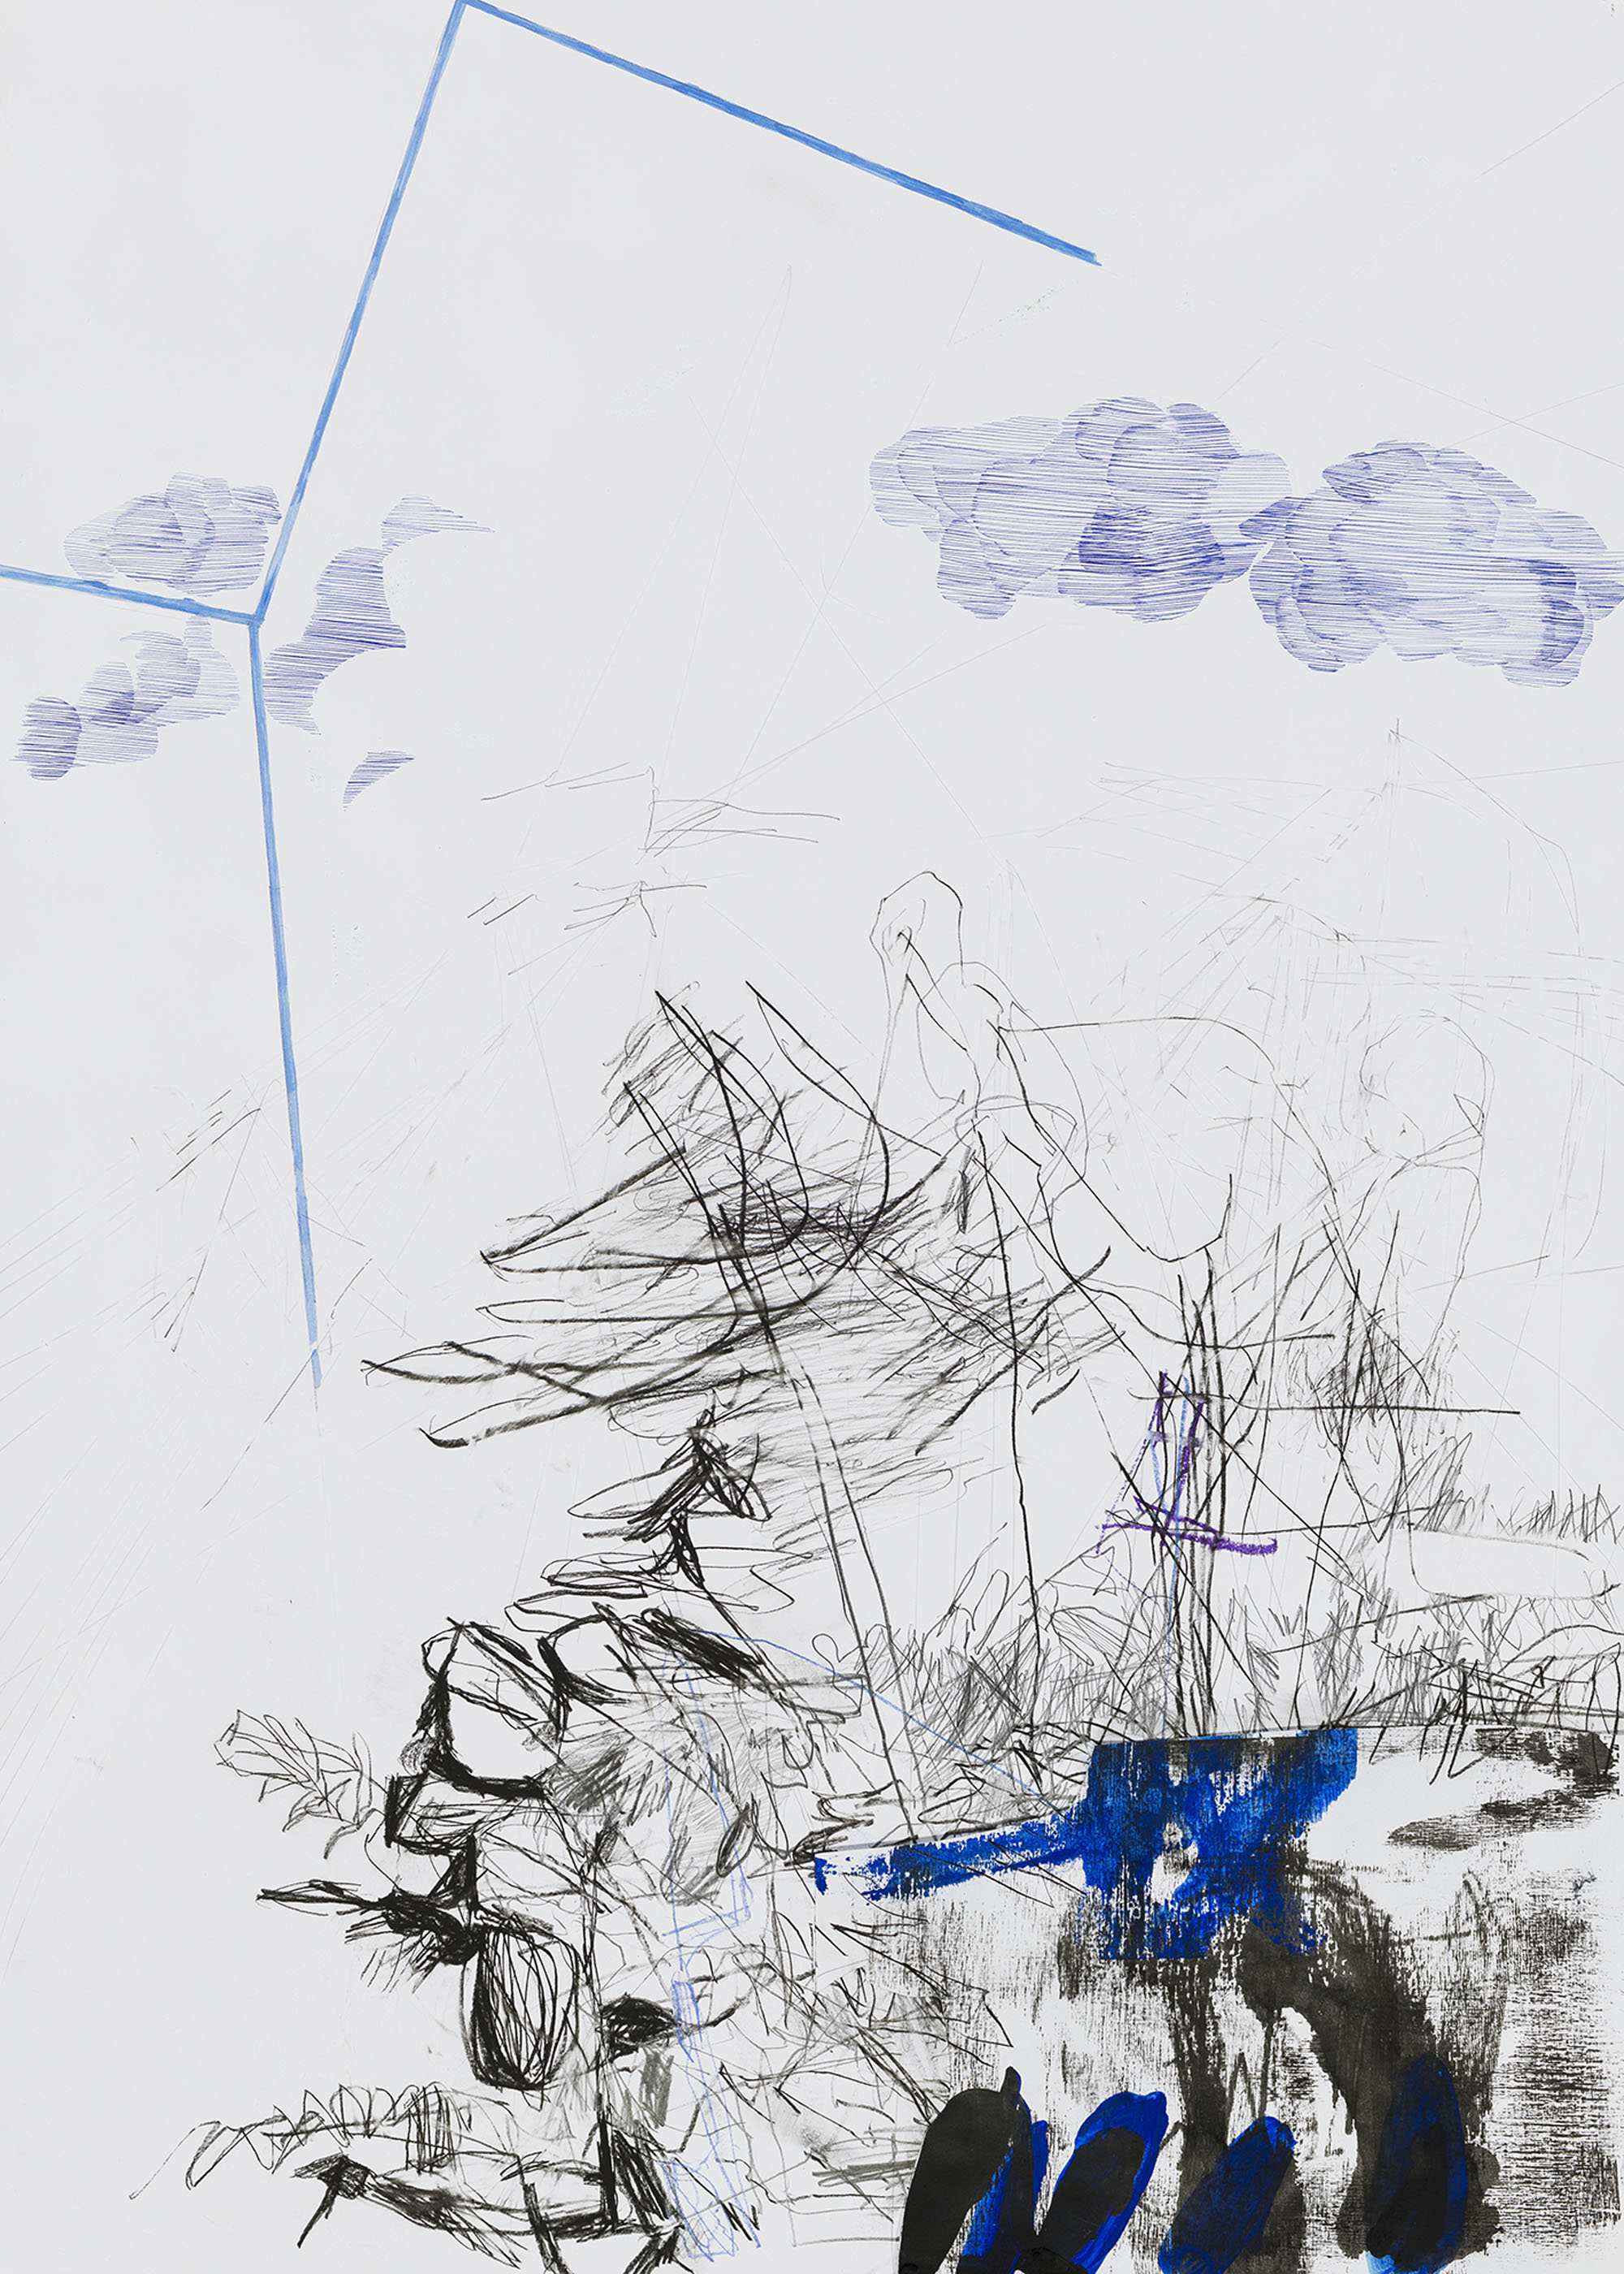 Béatrice_Nicolas_TECHNIQUE MIXTE SUR PAPIER 84 X 59,4 cm, 2015